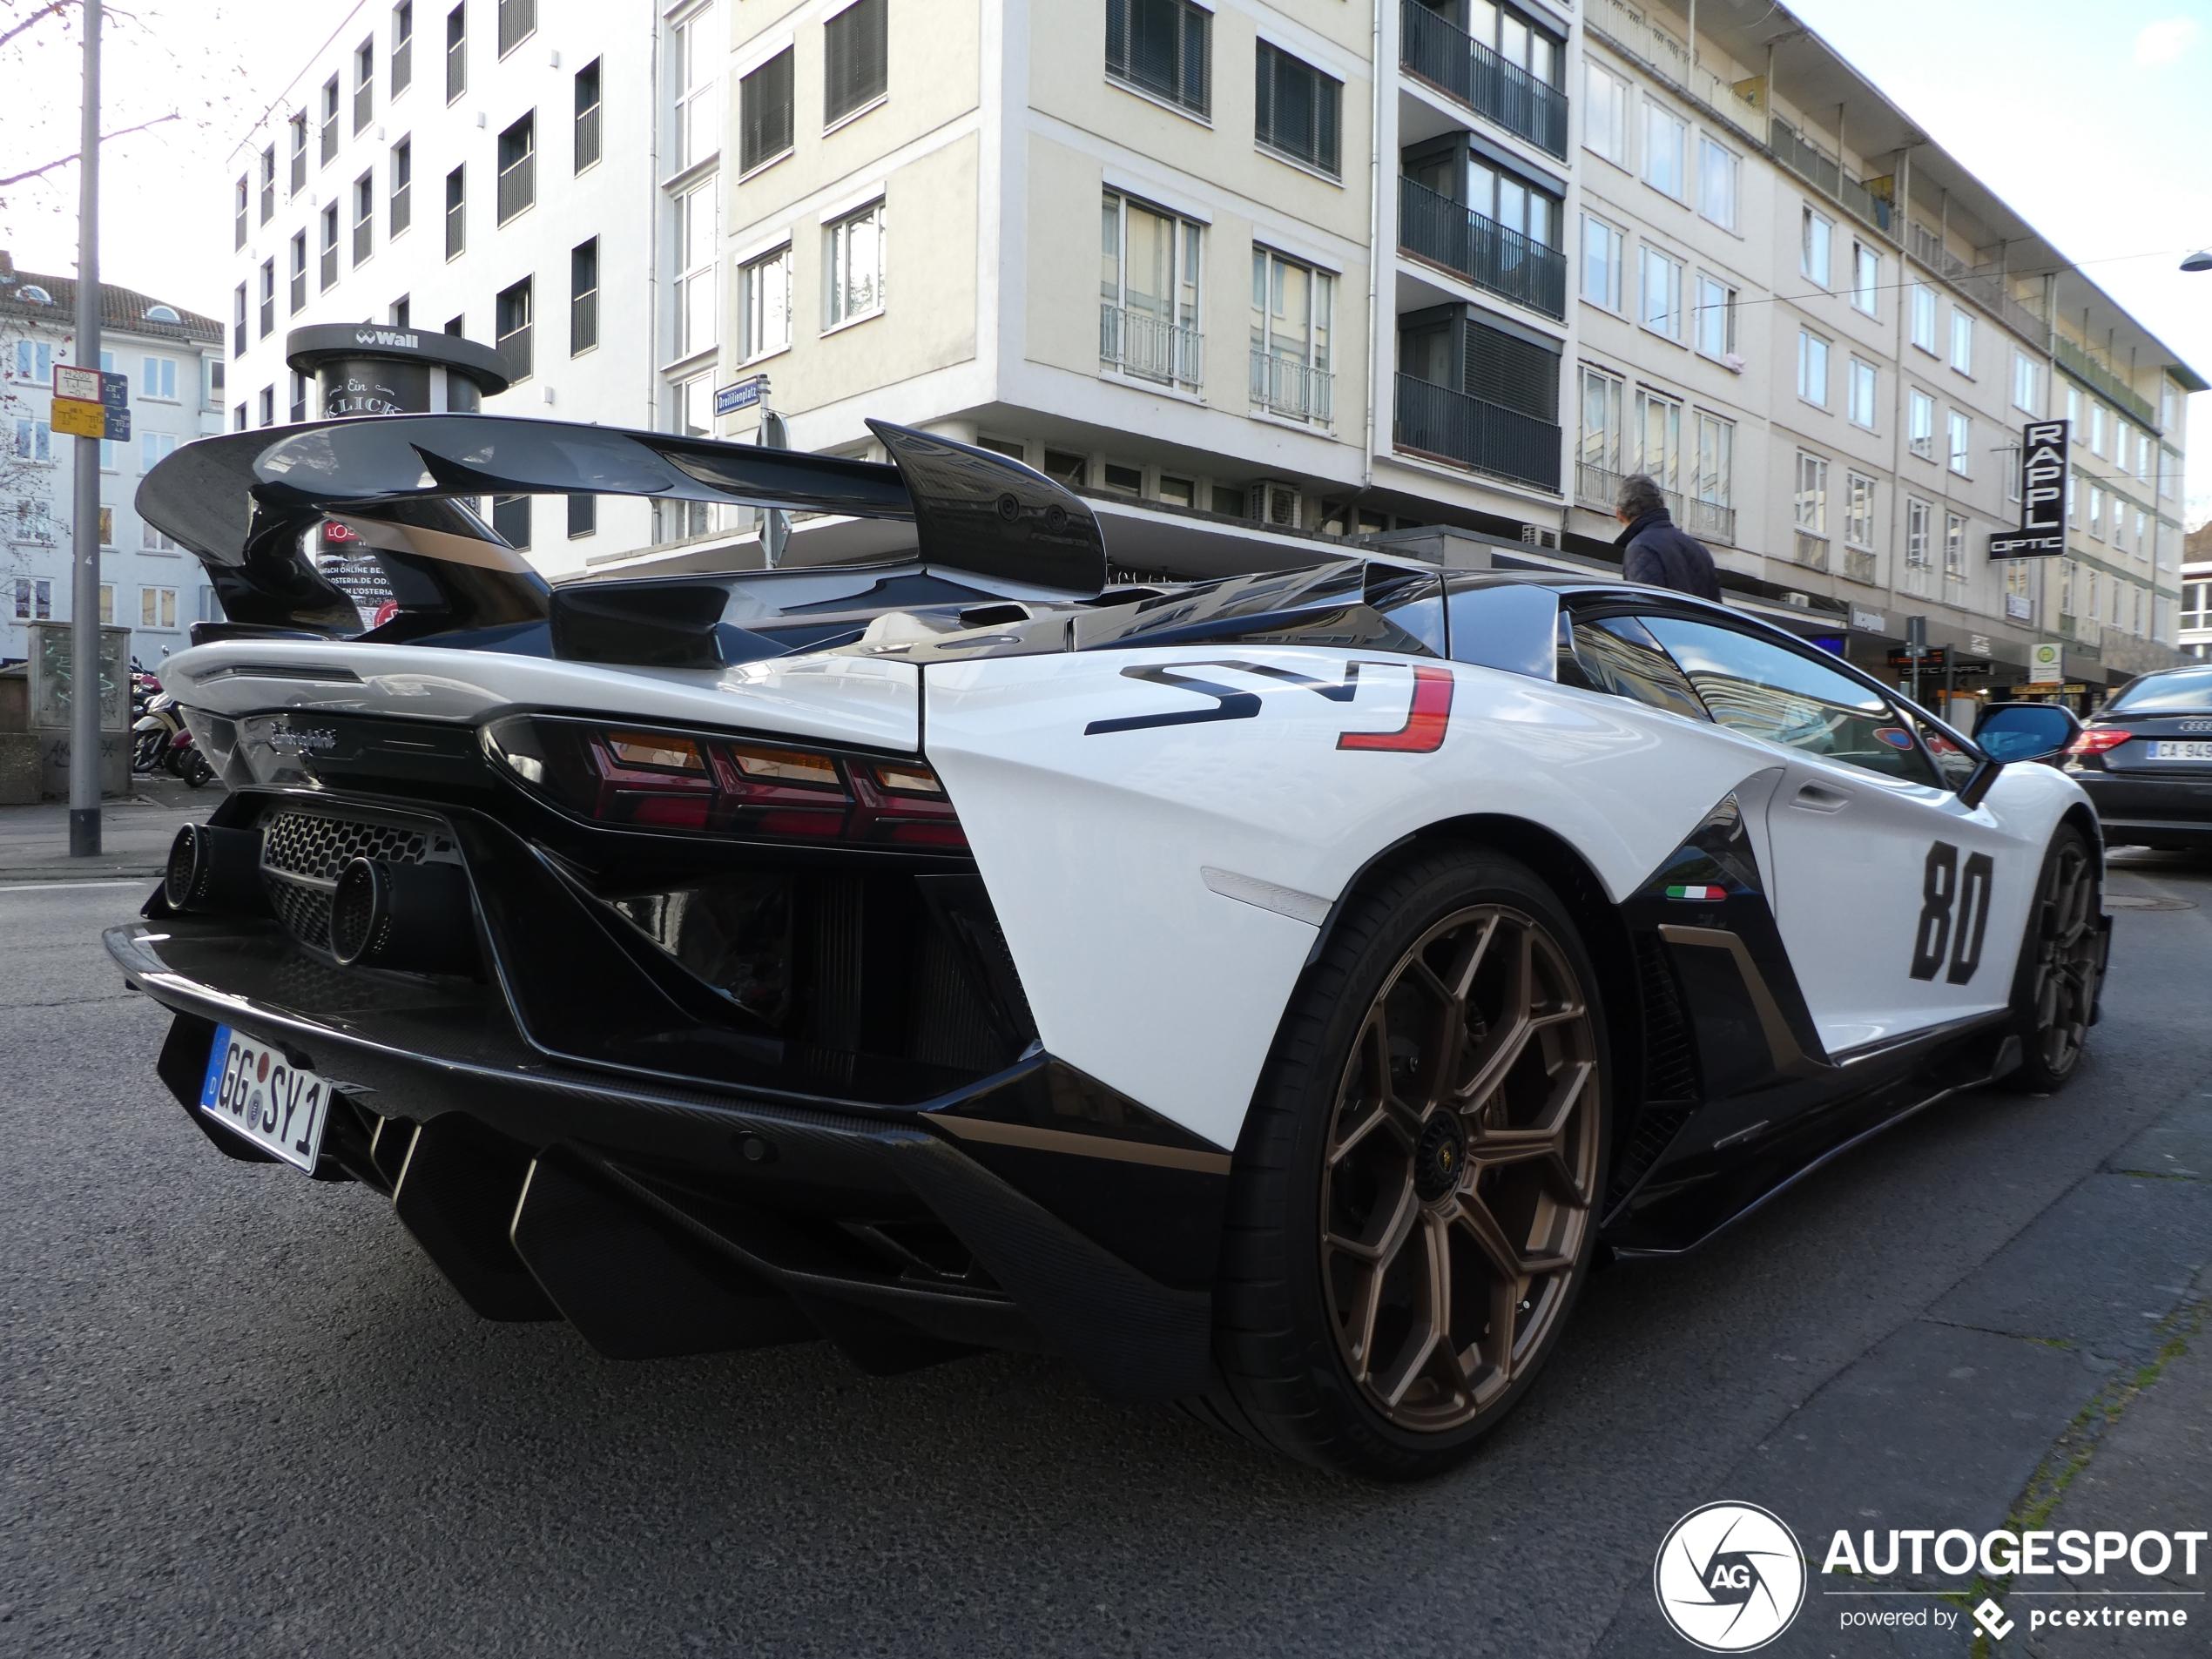 Lamborghini Aventador LP770-4 SVJ blijft niet onopgemerkt